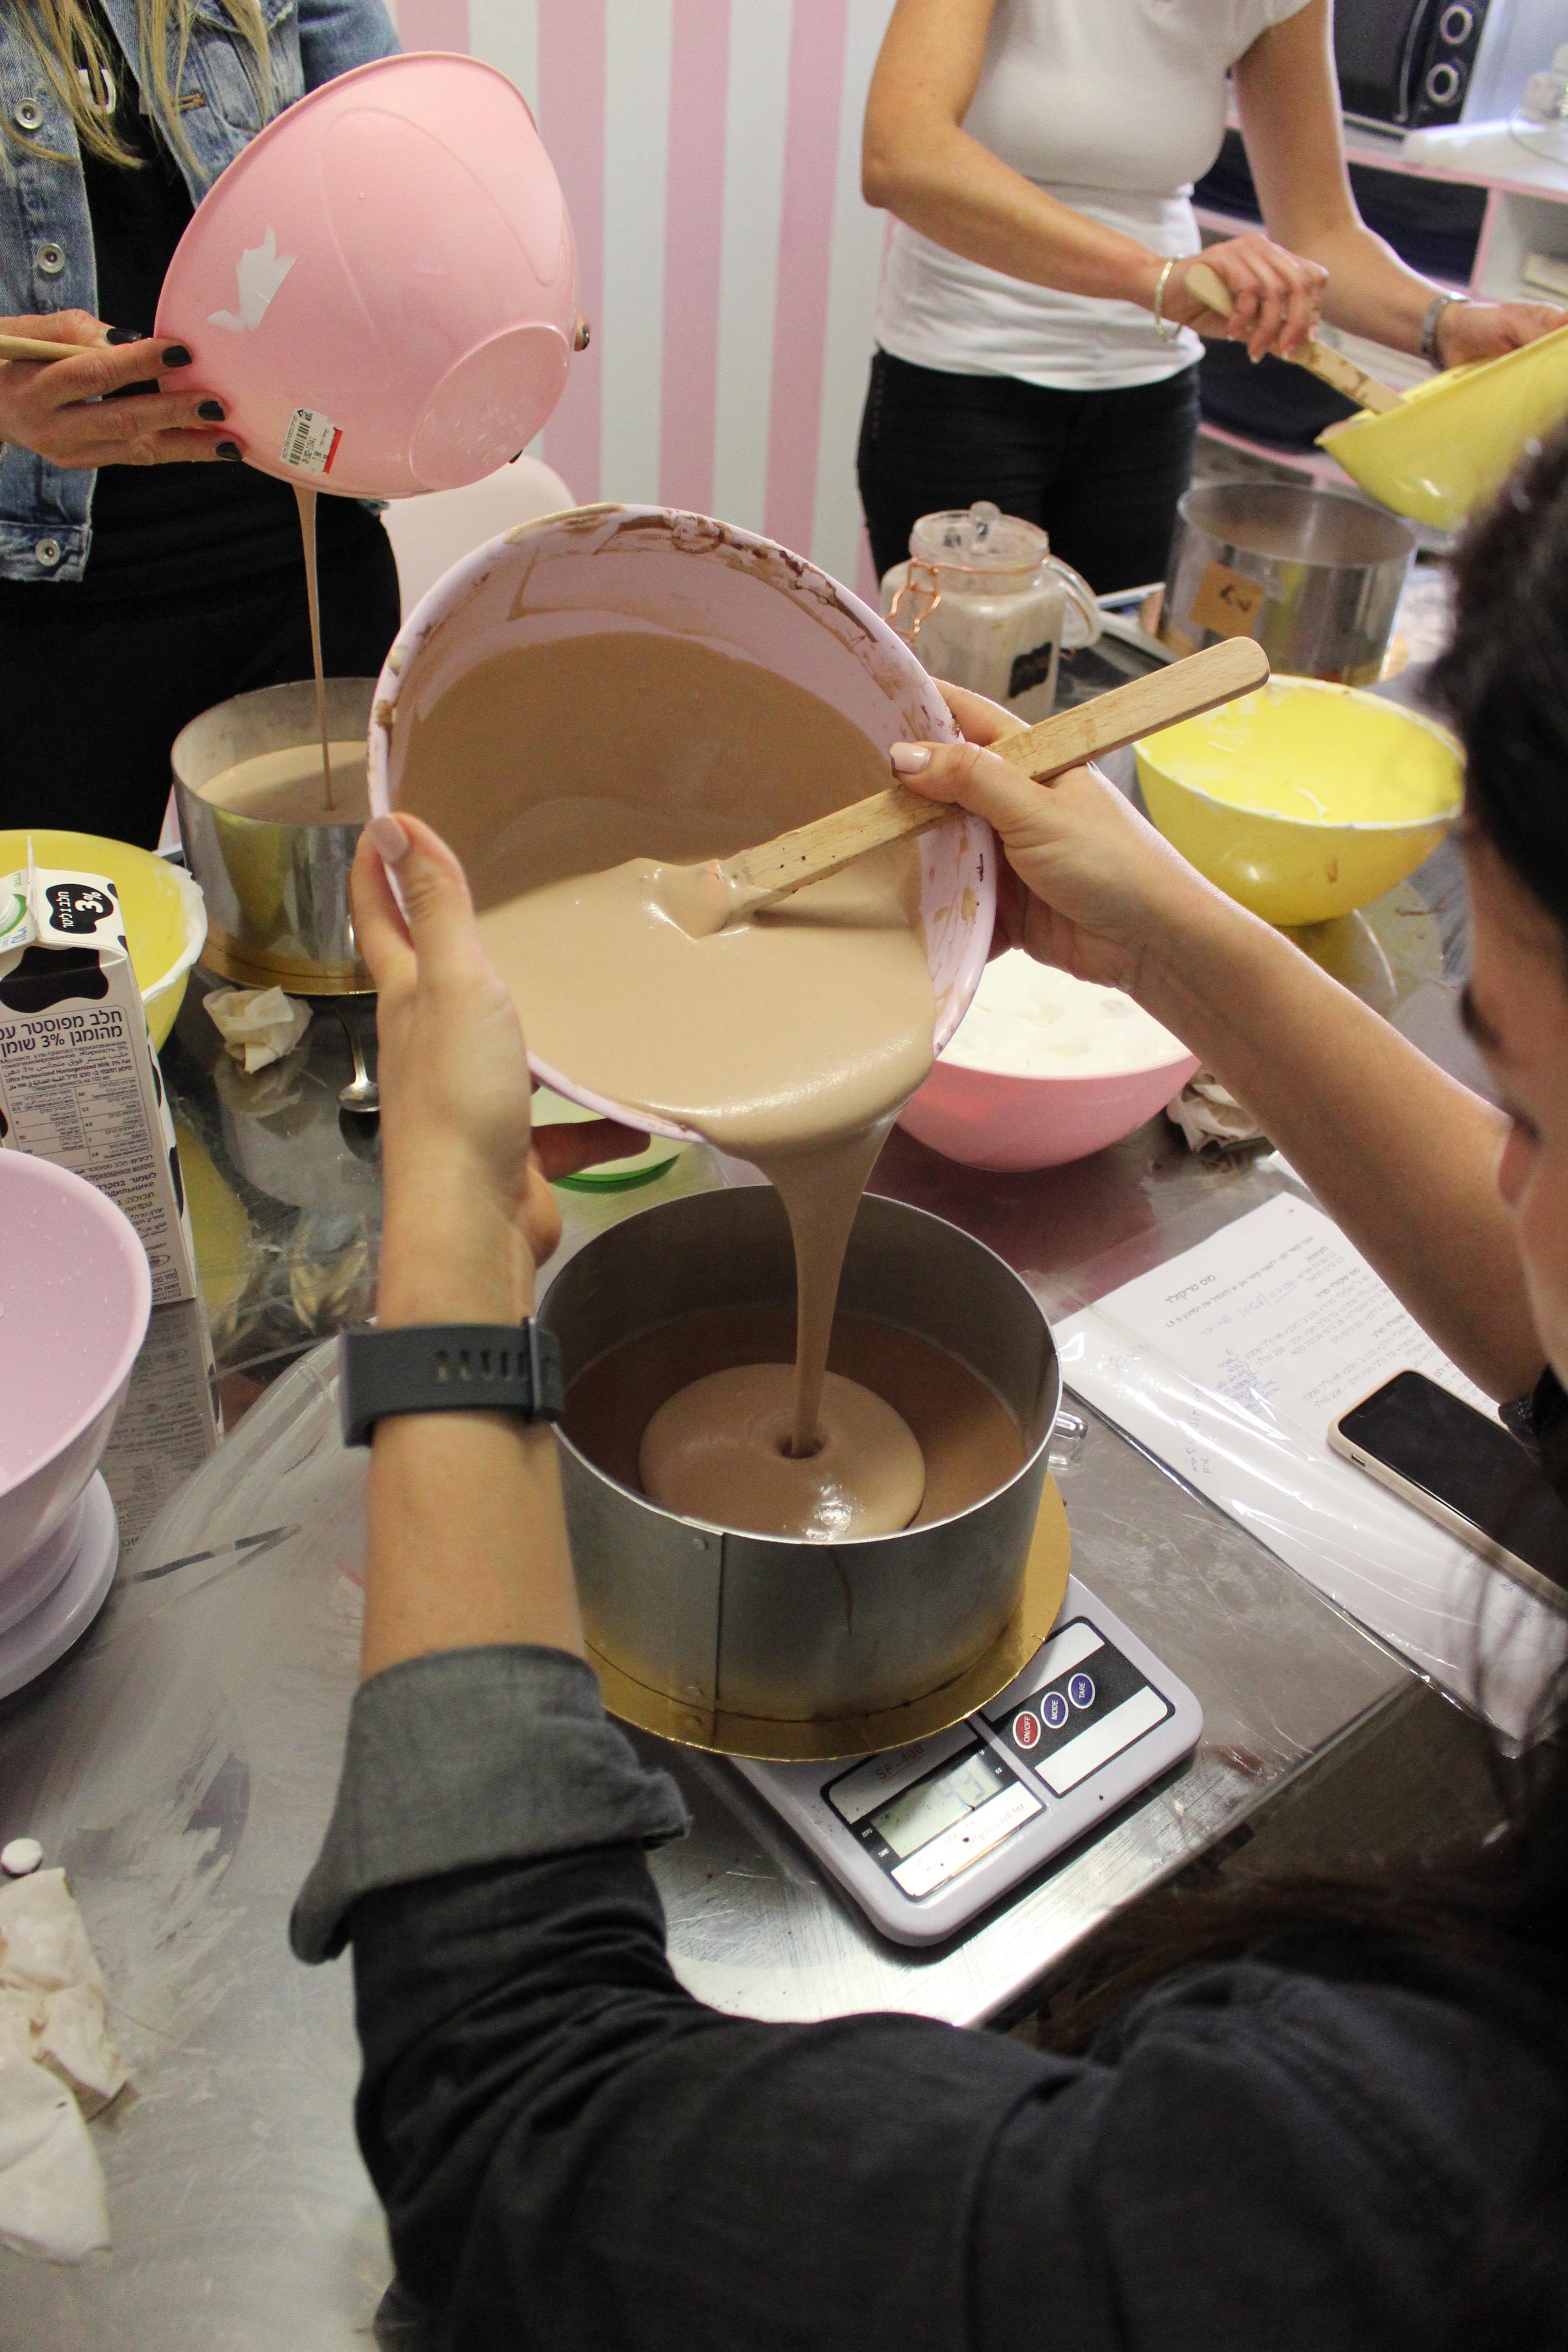 סדנה לעיצוב עוגות מוס